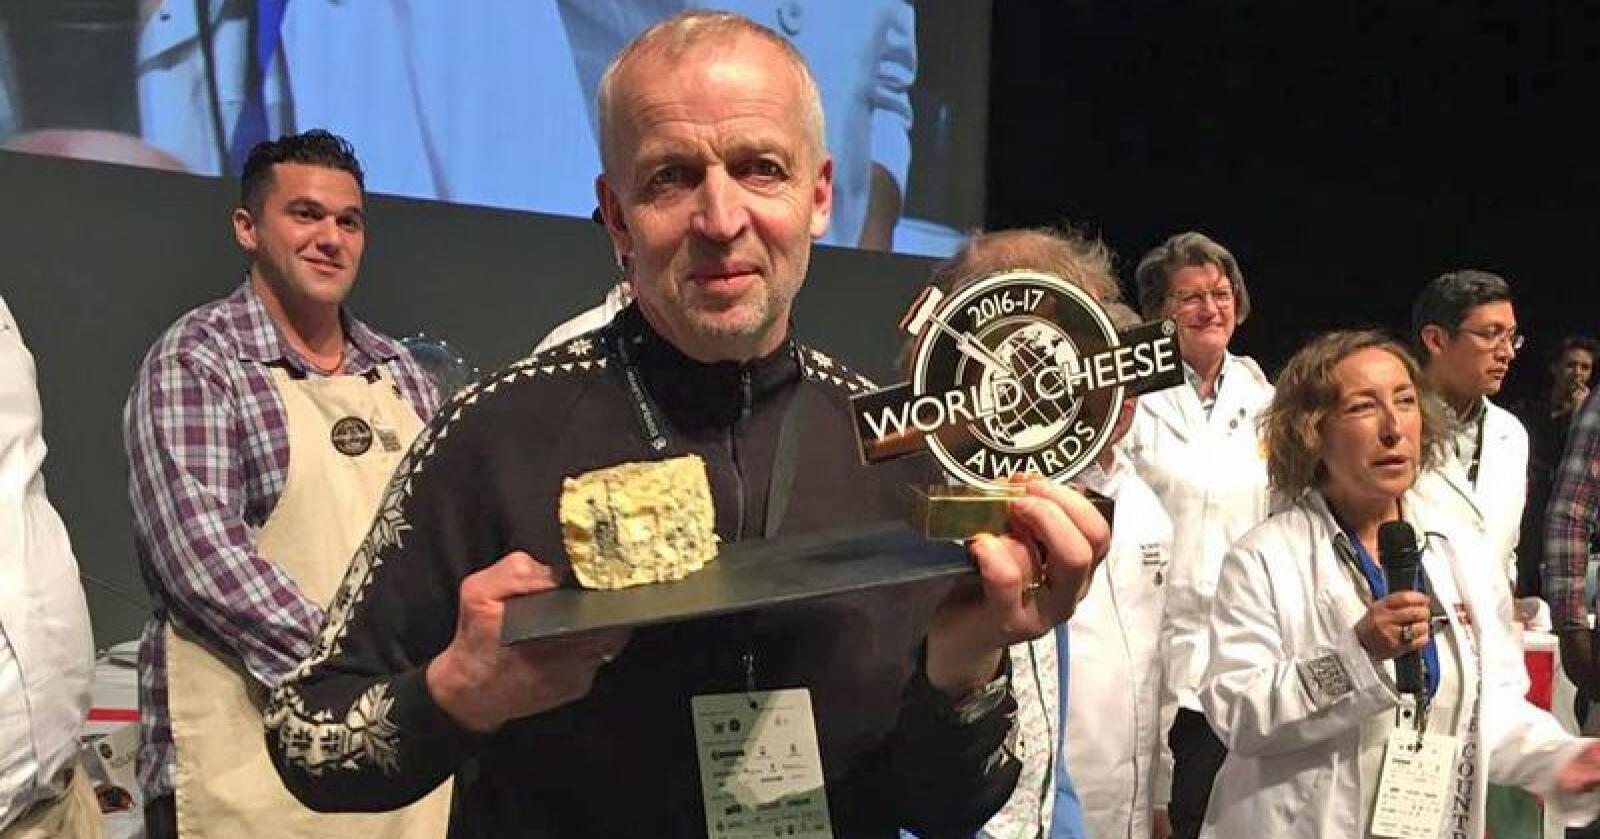 Kraftkar Tingvollost ble kåret til verdens beste ost under oste-VM i San Sebastian i 2016. Gunnar Waagen tok imot gullmedaljen i Spania. Foto: Privat